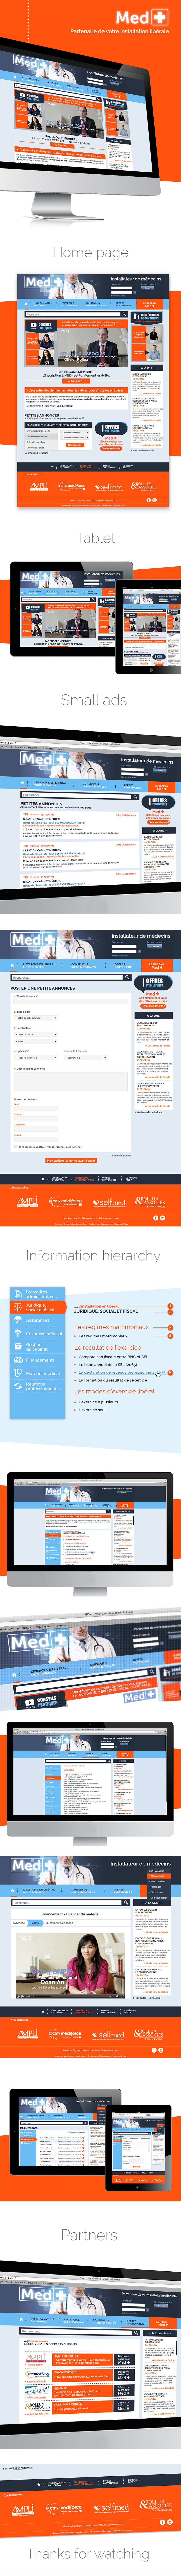 Med + - Web design